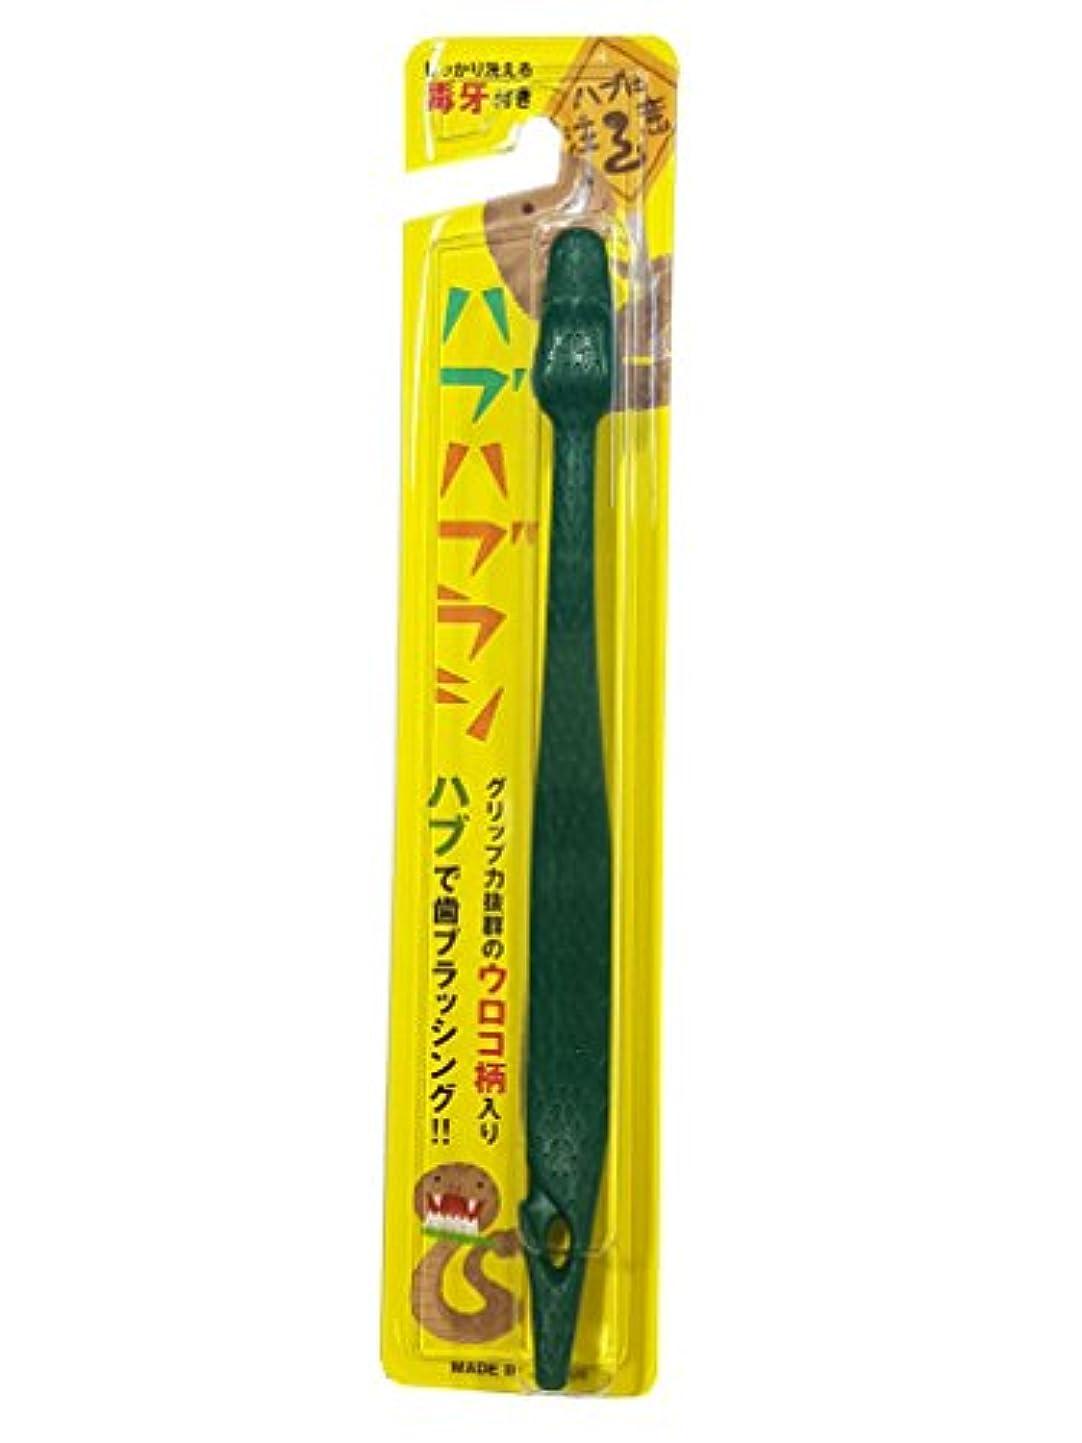 自分の力ですべてをするシャベル痛いハブハブラシ (緑 色) 沖縄 はぶ 歯ブラシ